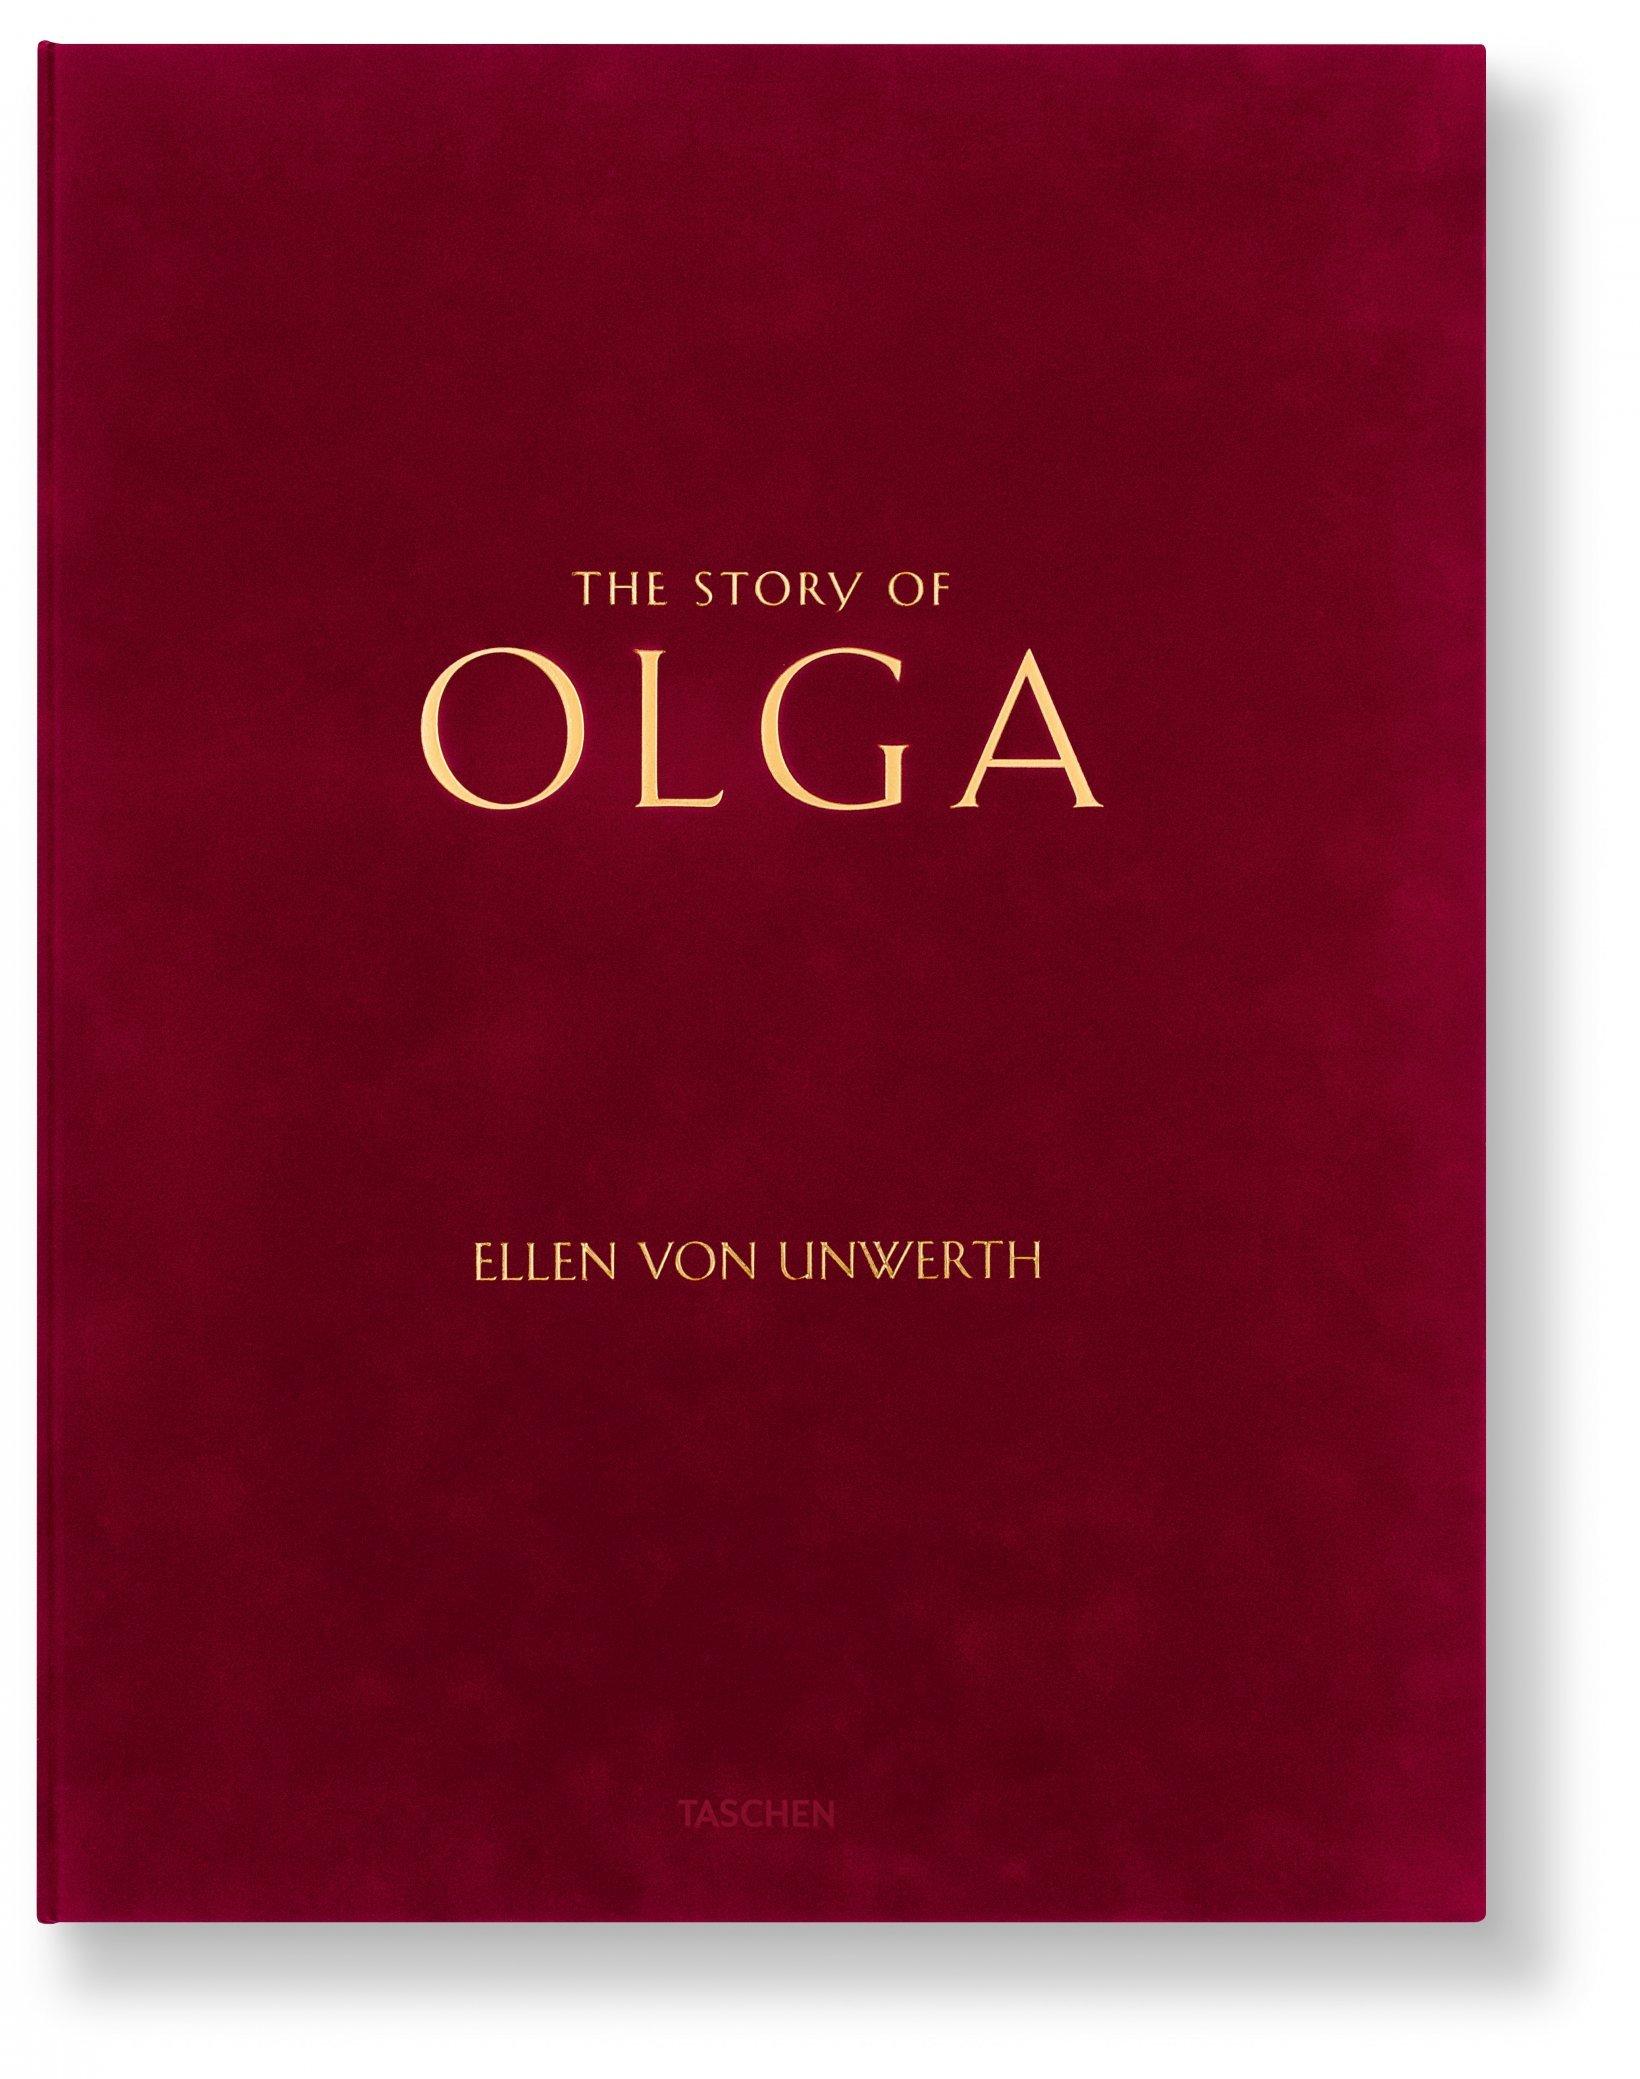 ELLEN VON UNWERTH'S BOOK